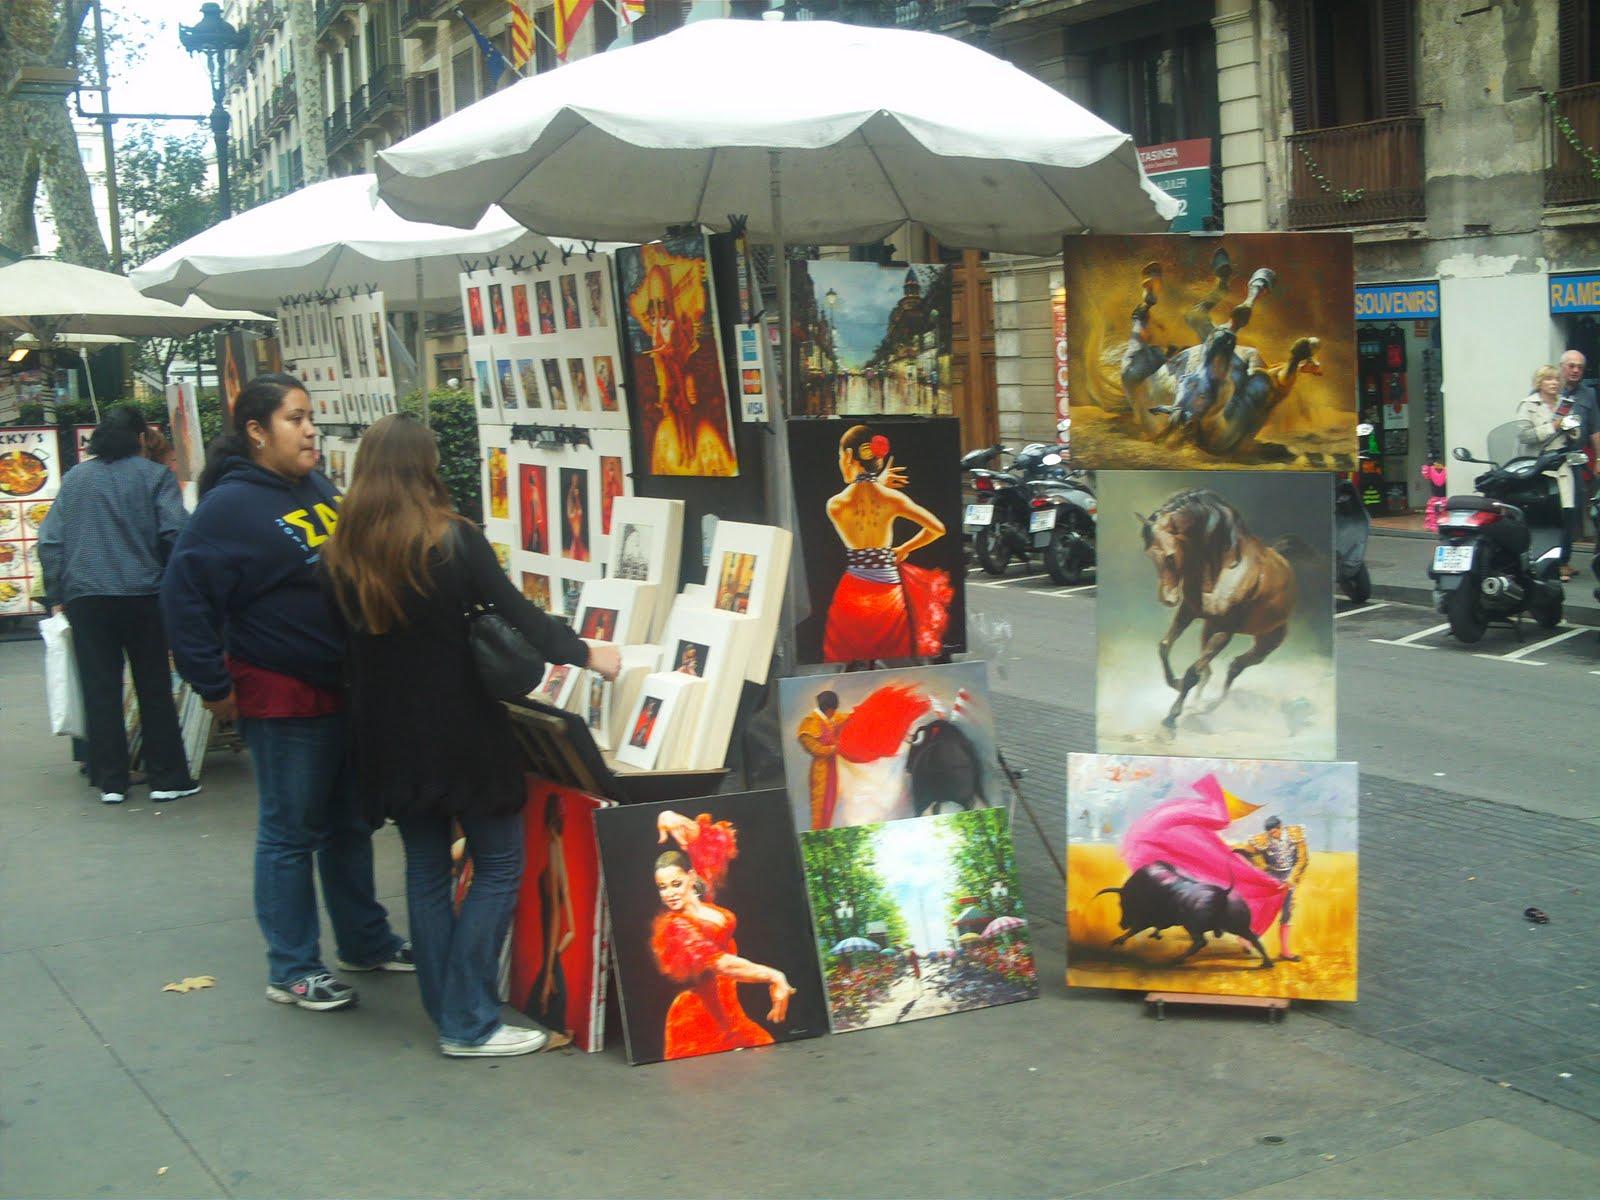 Arte pan el arte como alimento de la cultura pintores de la rambla de barcelona ii - Pintores de barcelona ...